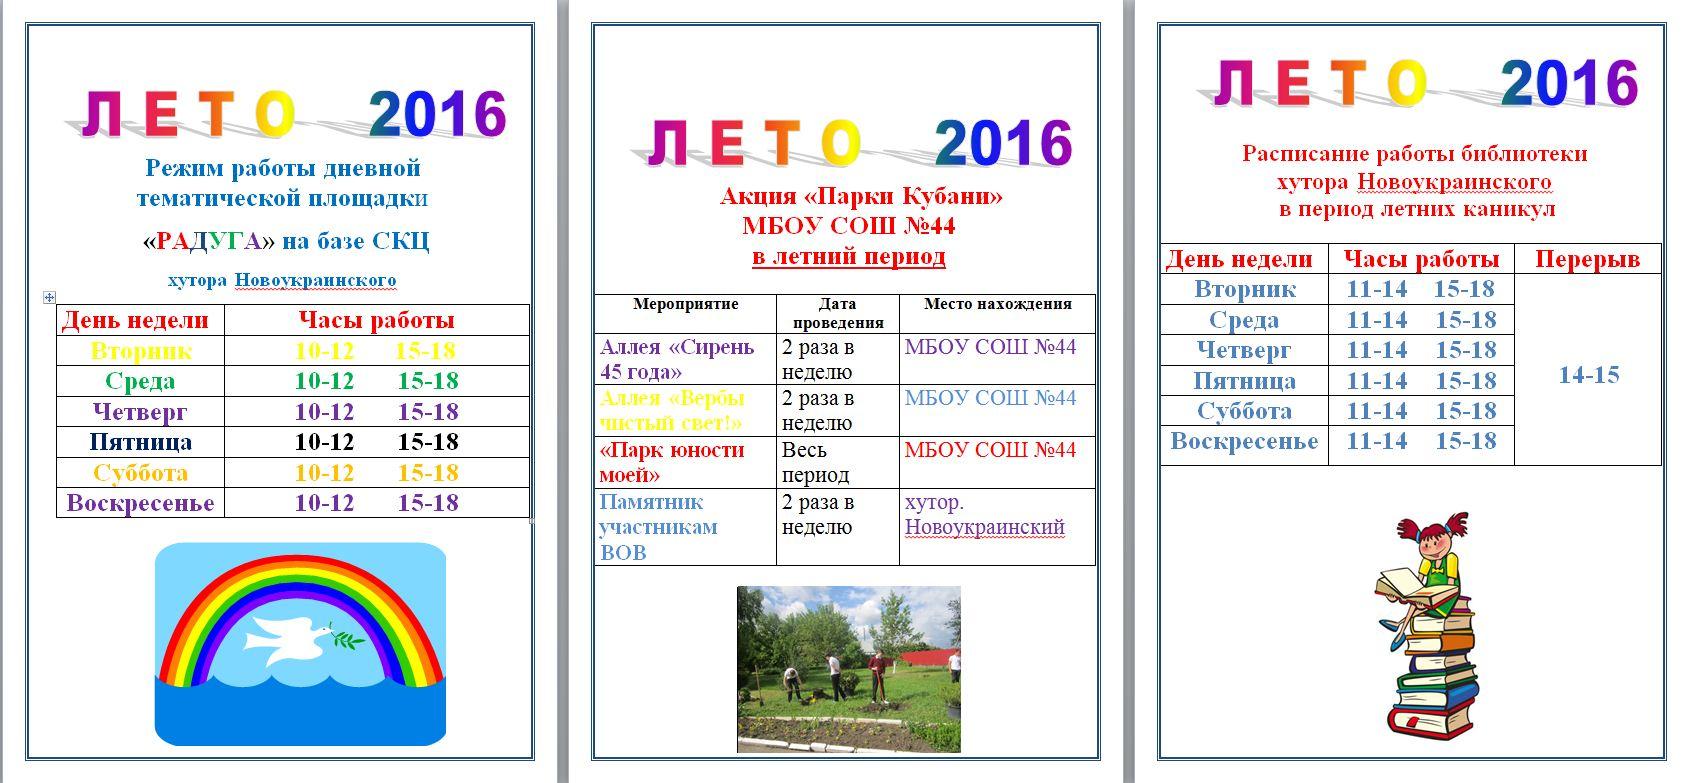 лето 2016